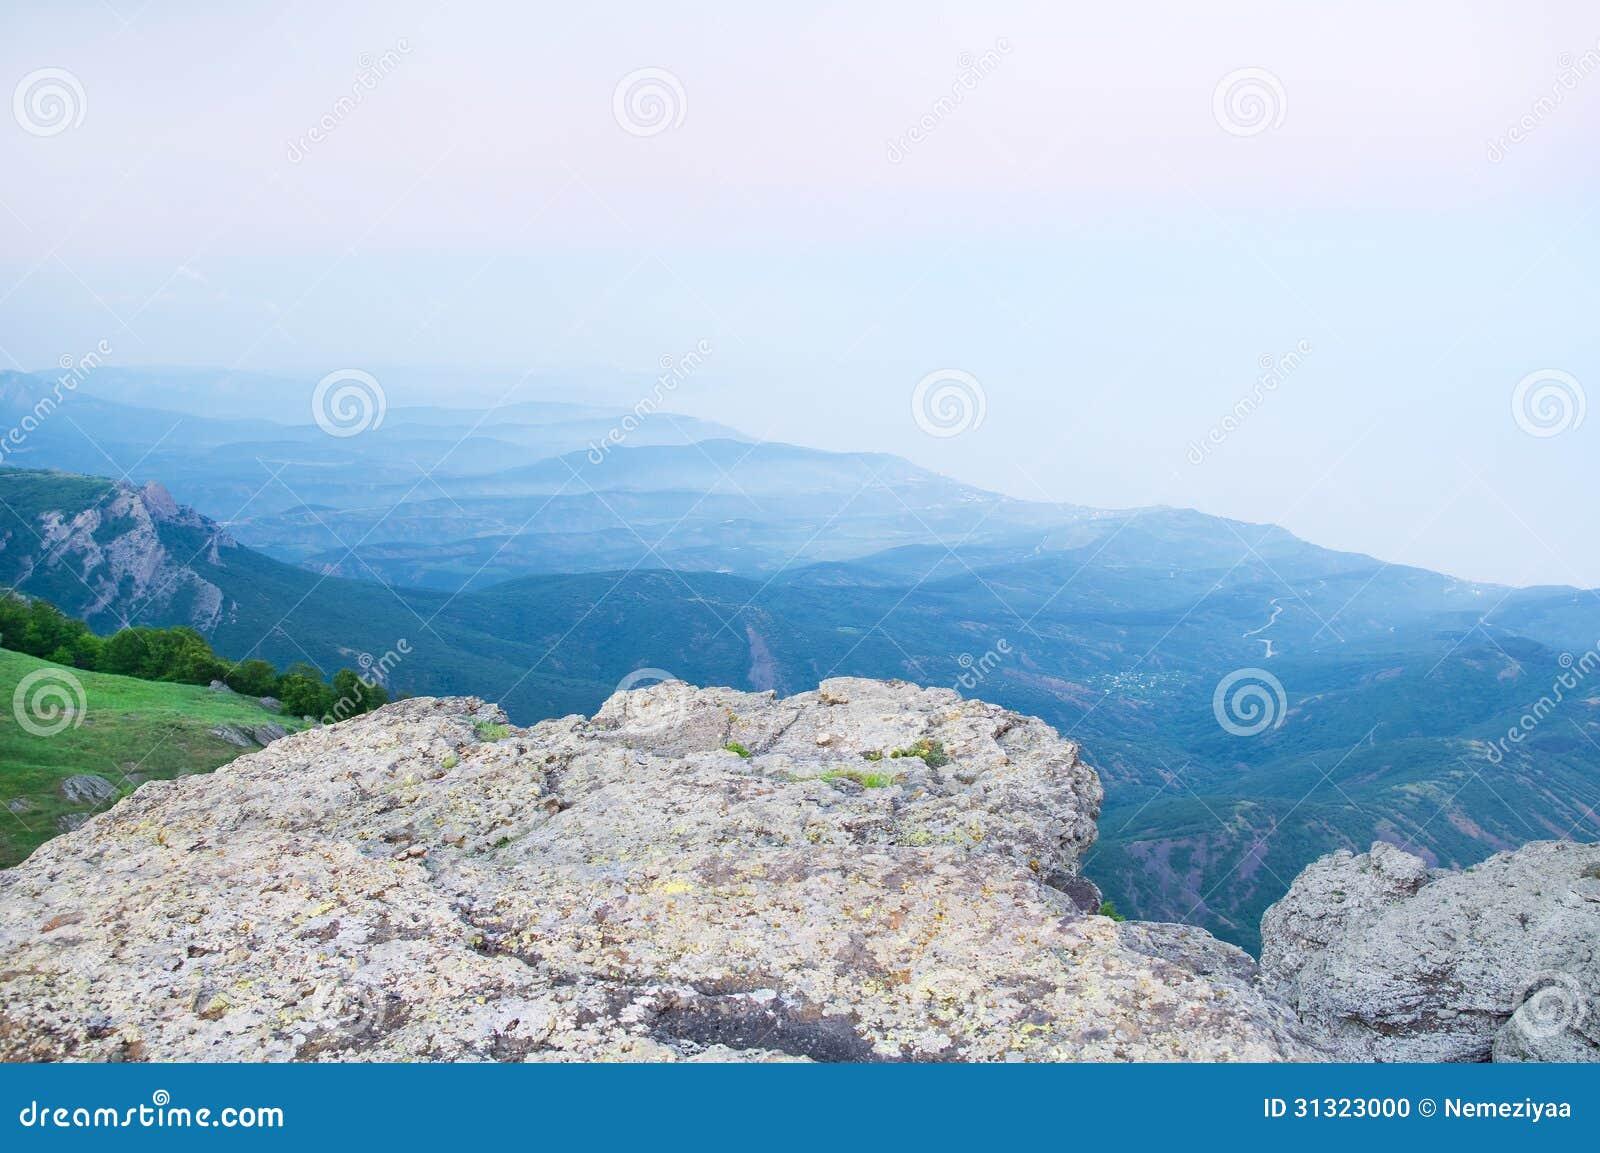 春天有雾的早晨农村风景。